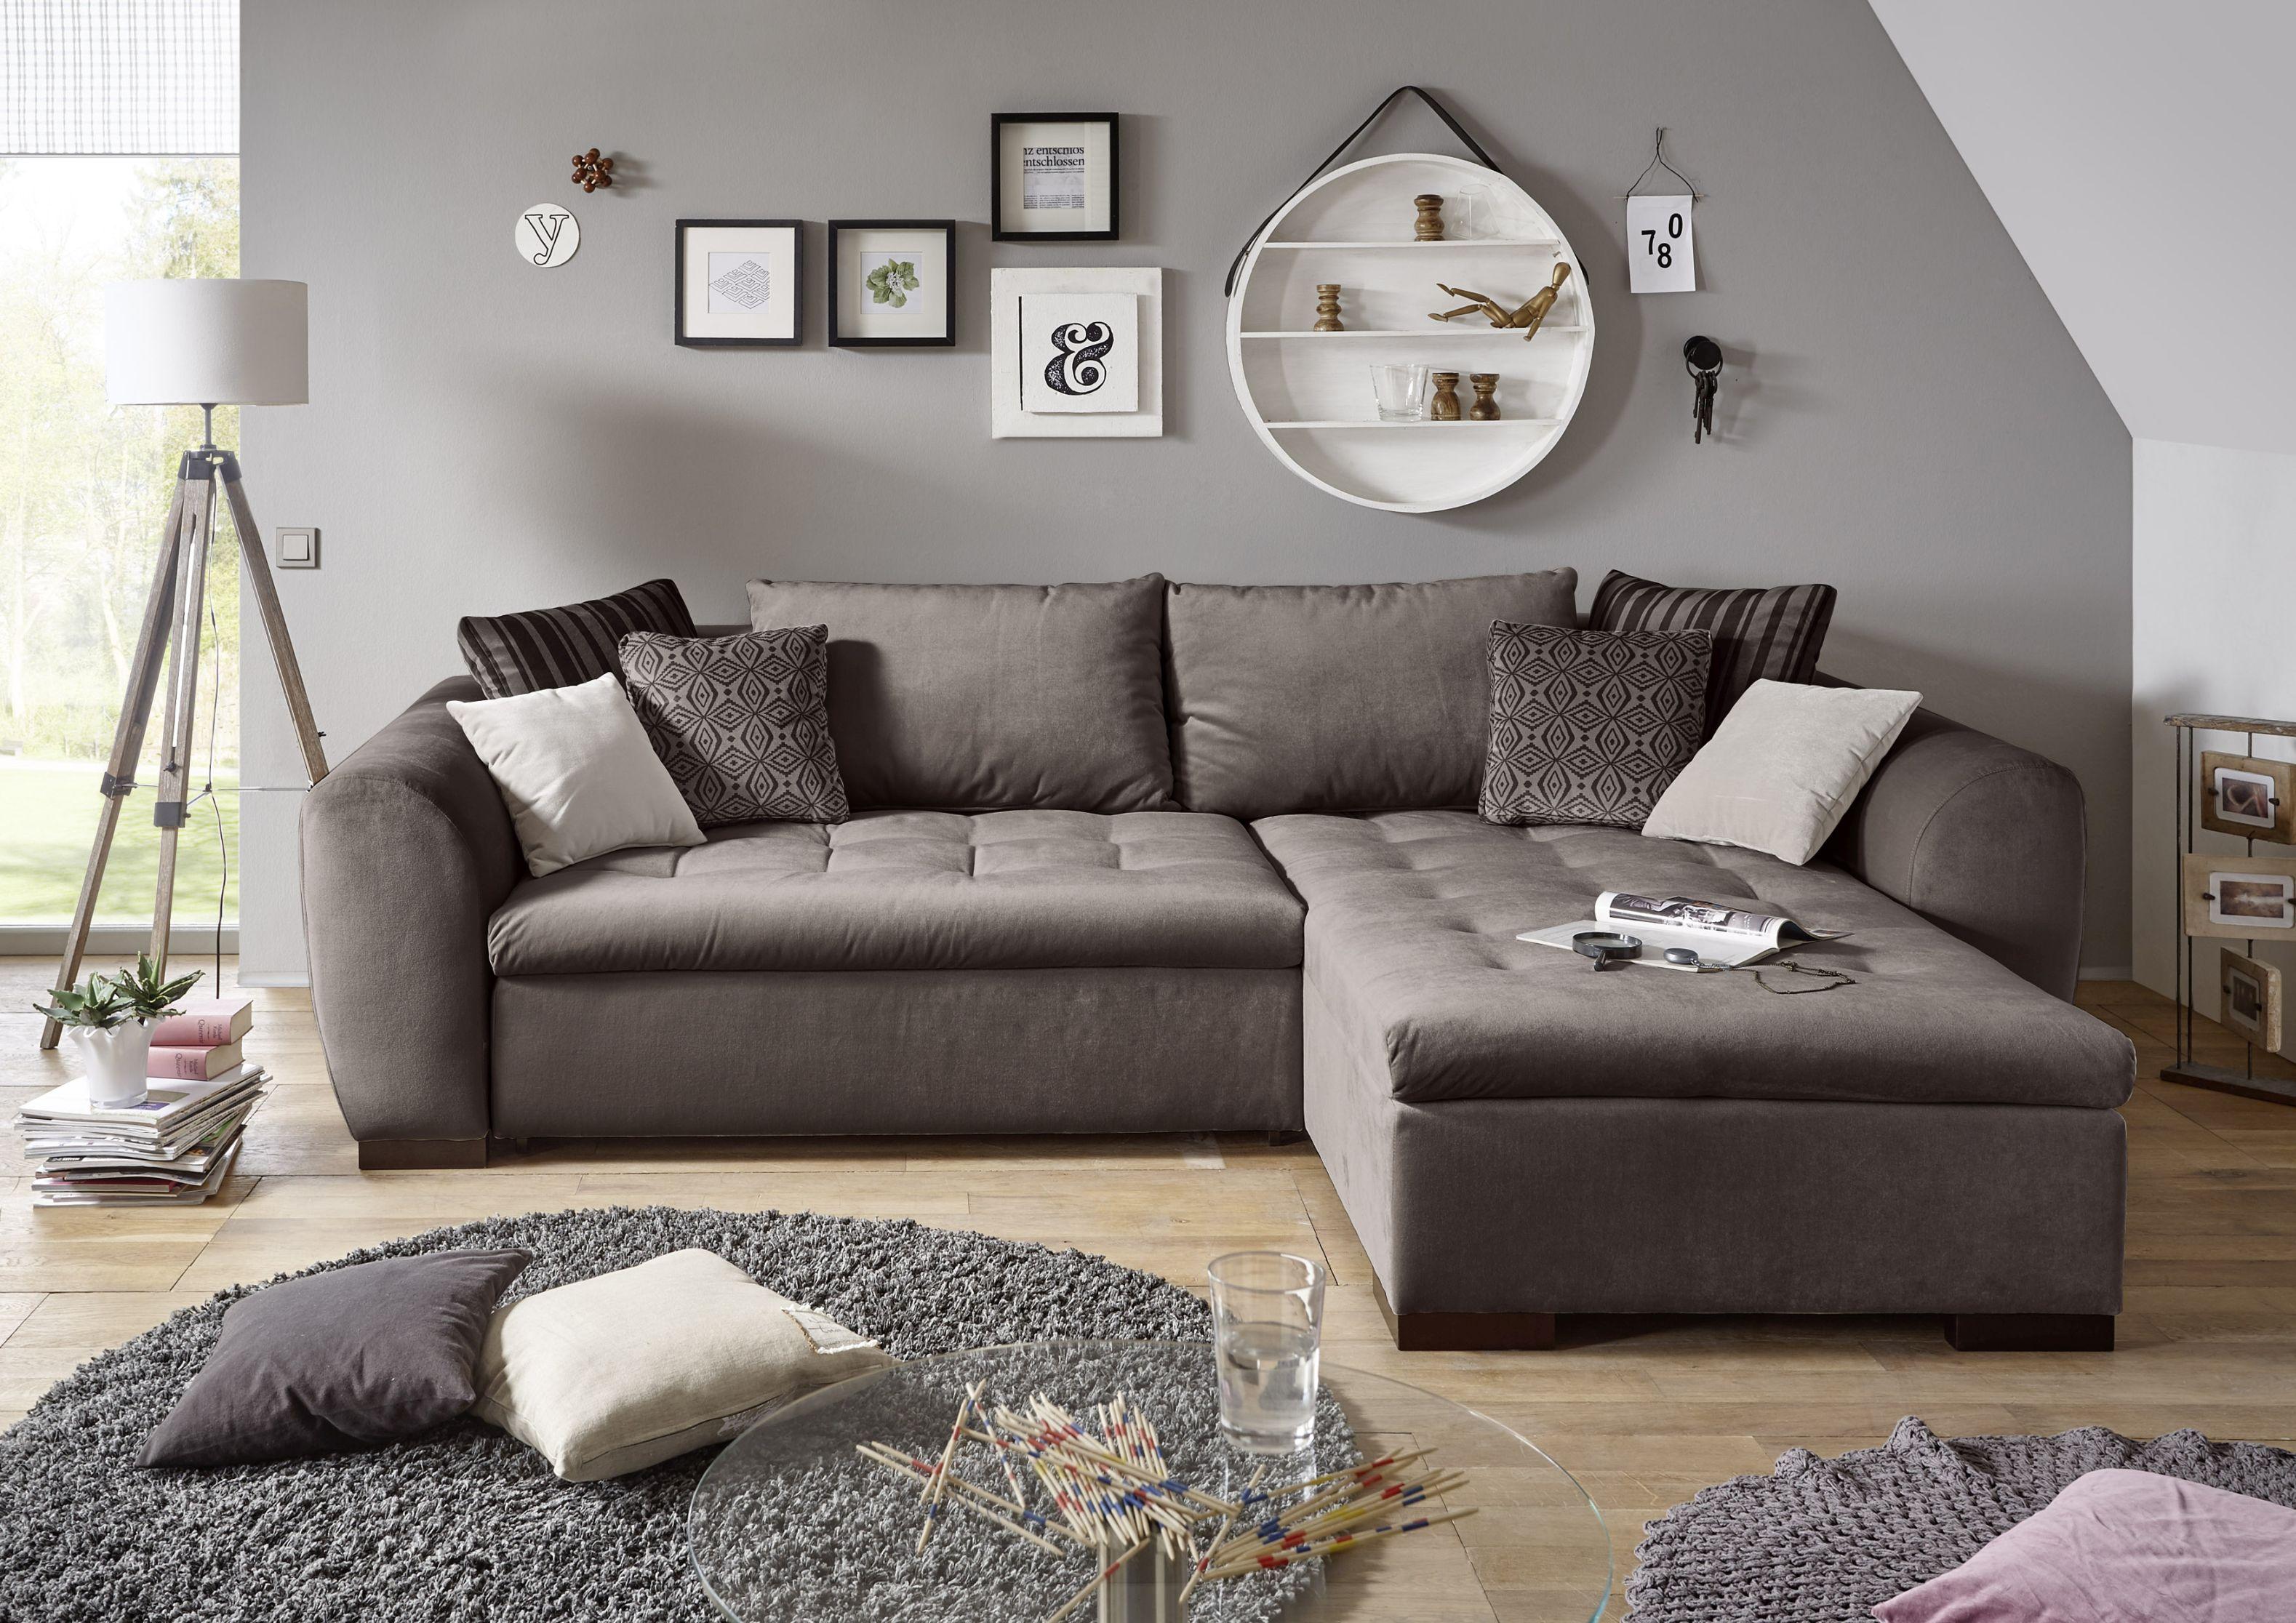 mbel braun schlafsofa frey wohnen cham mbel az couches sofas schlafsofas schlafsofa moana. Black Bedroom Furniture Sets. Home Design Ideas